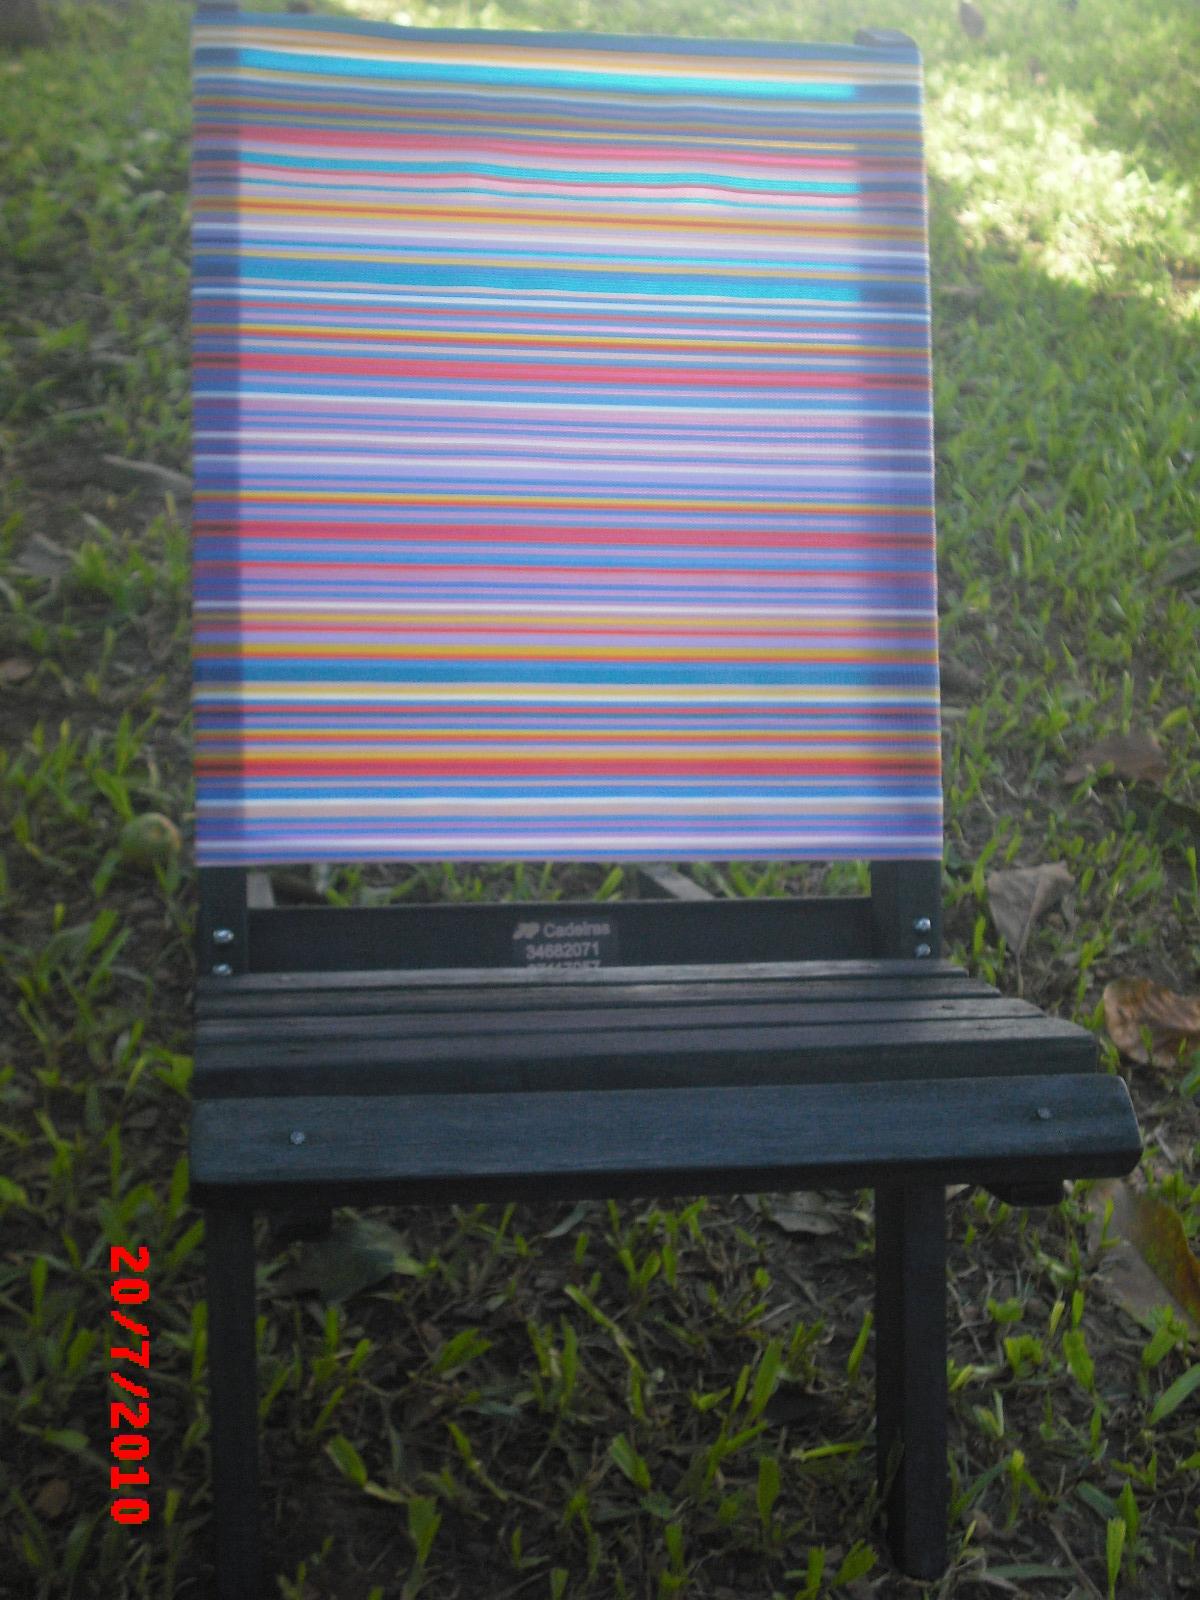 JP Cadeiras Artesanais: cadeiras em madeira com encosto em nylon #327599 1200x1600